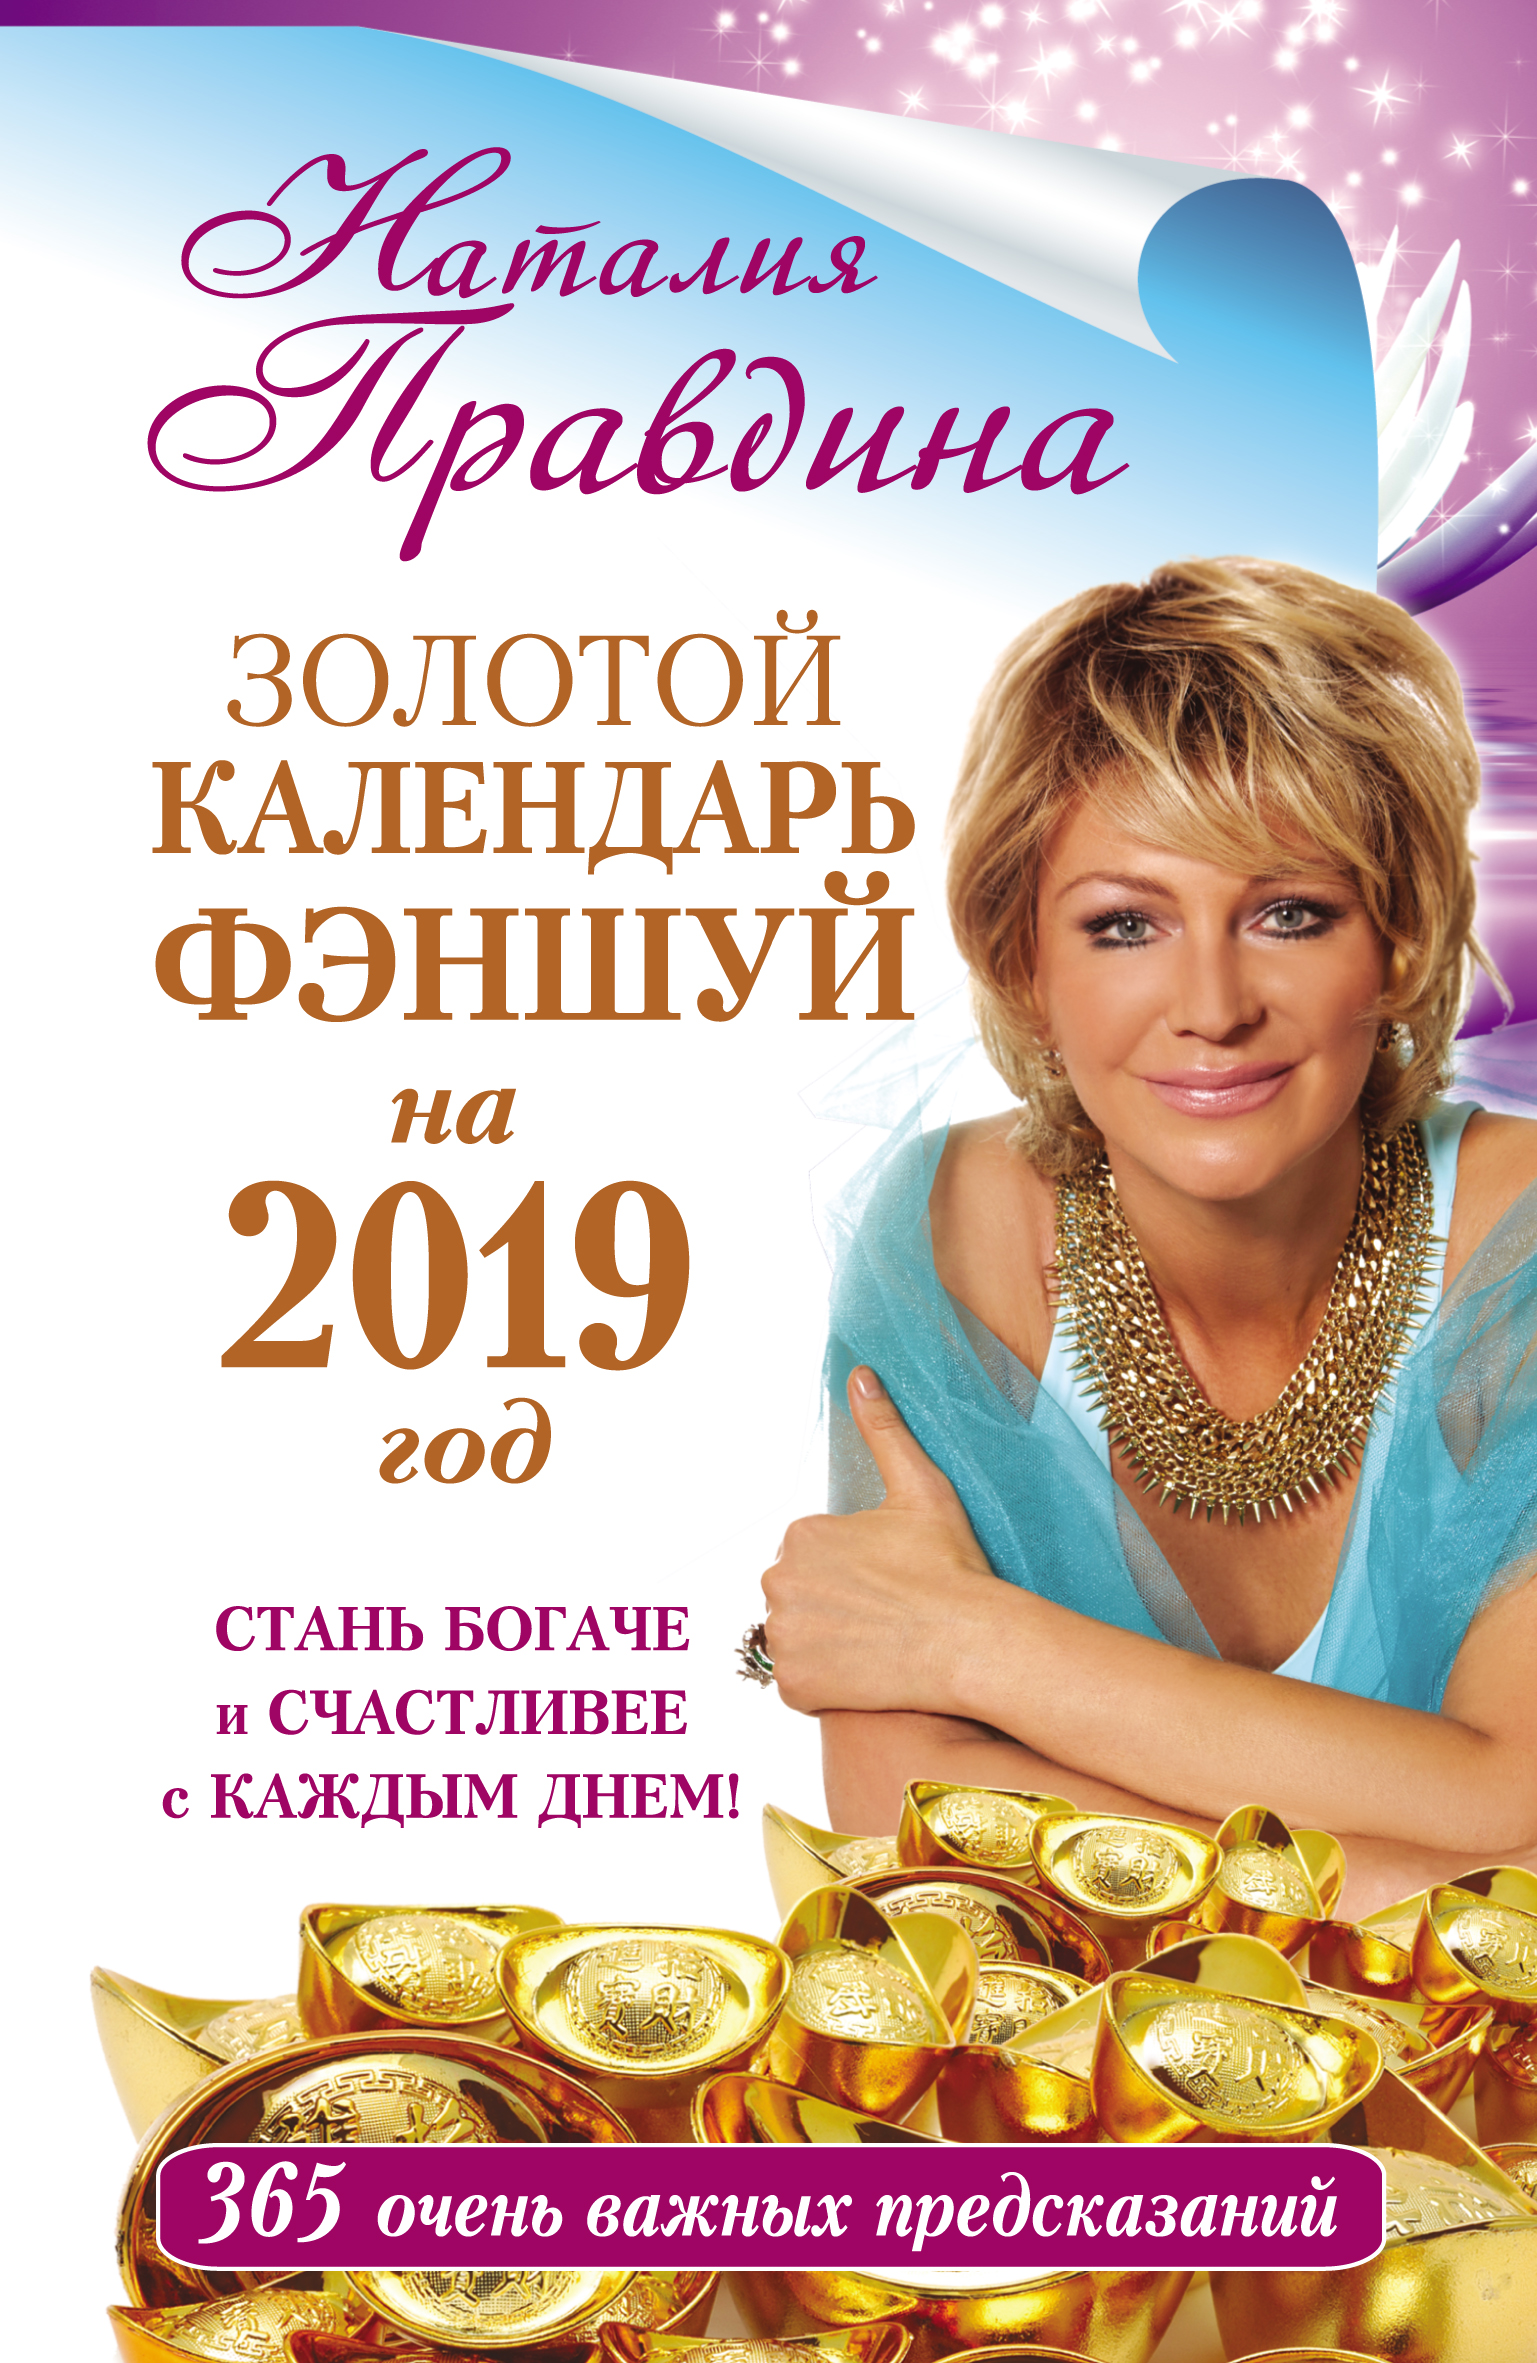 Наталия Правдина Золотой календарь фэншуй на 2019 год. 365 очень важных предсказаний. Стань богаче и счастливее с каждым днем! правдина наталия борисовна привлекаем денежную удачу